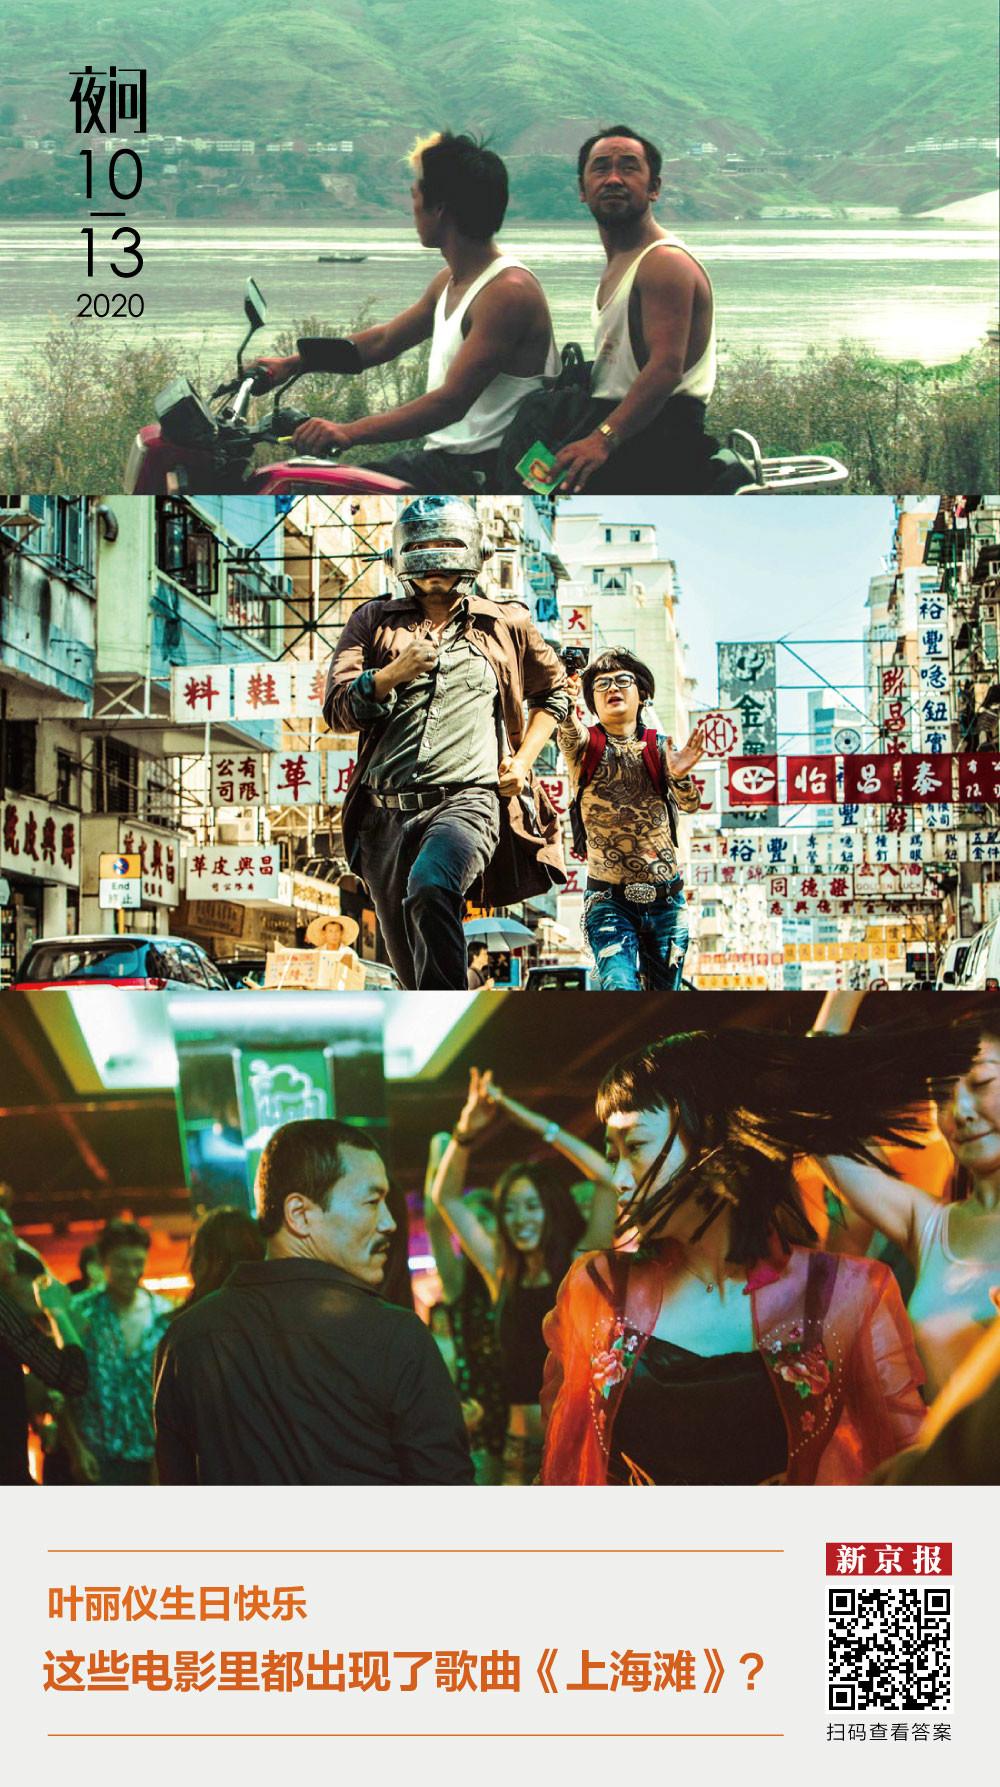 《上海滩》离开《上海滩》,成了他们人生的主题曲丨夜问图片